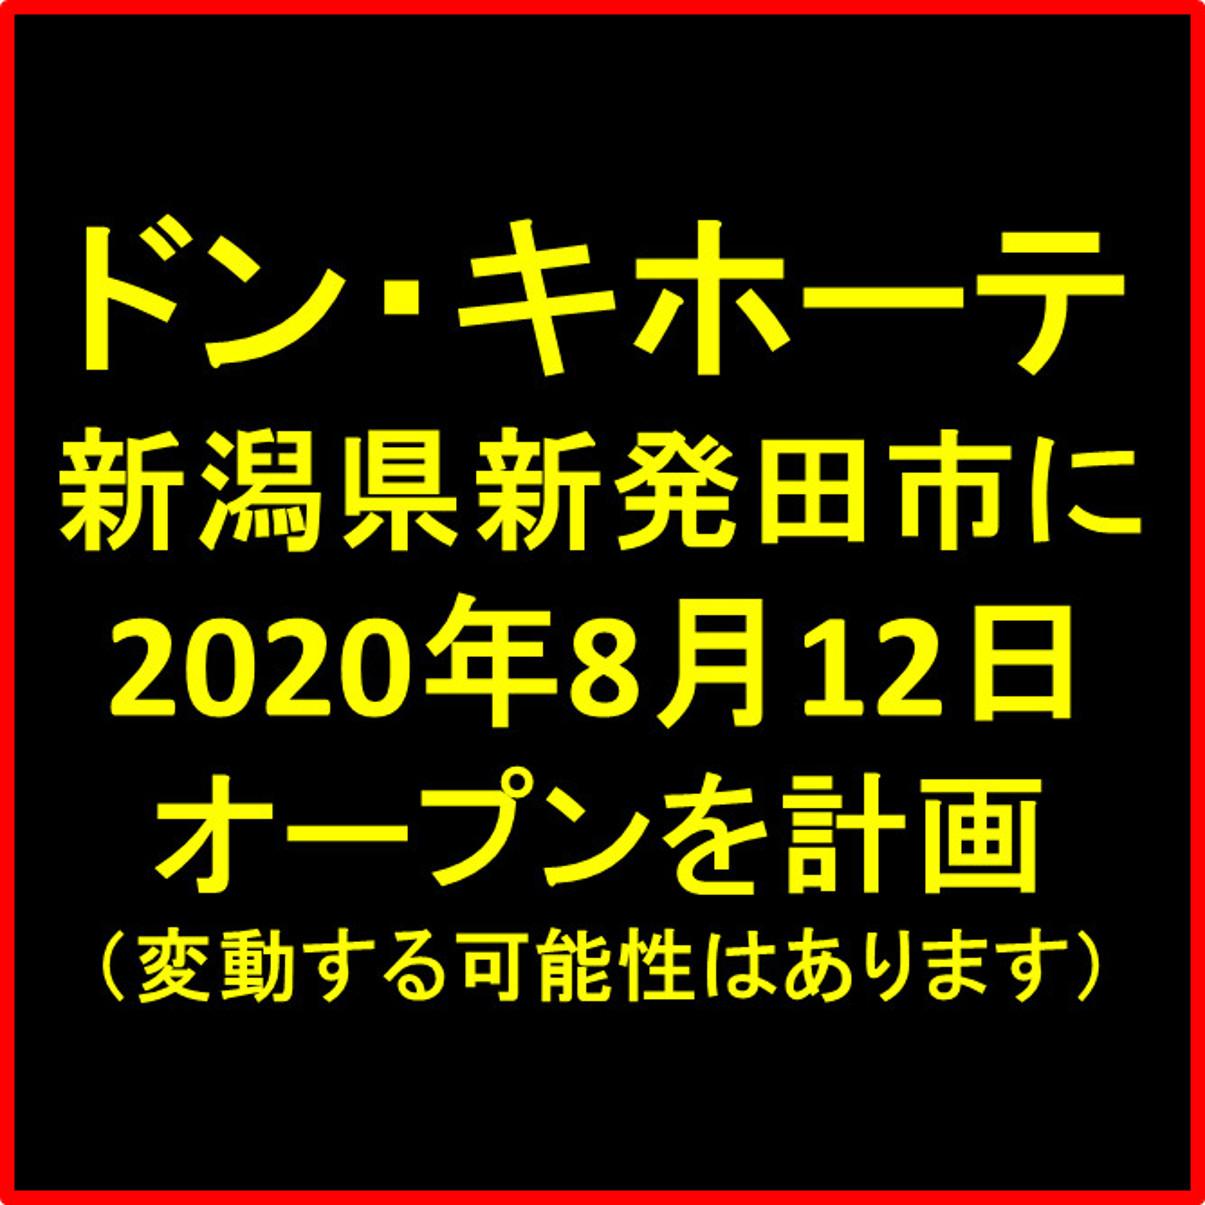 ドンキホーテ新発田市に20200812オープン計画アイキャッチ1205